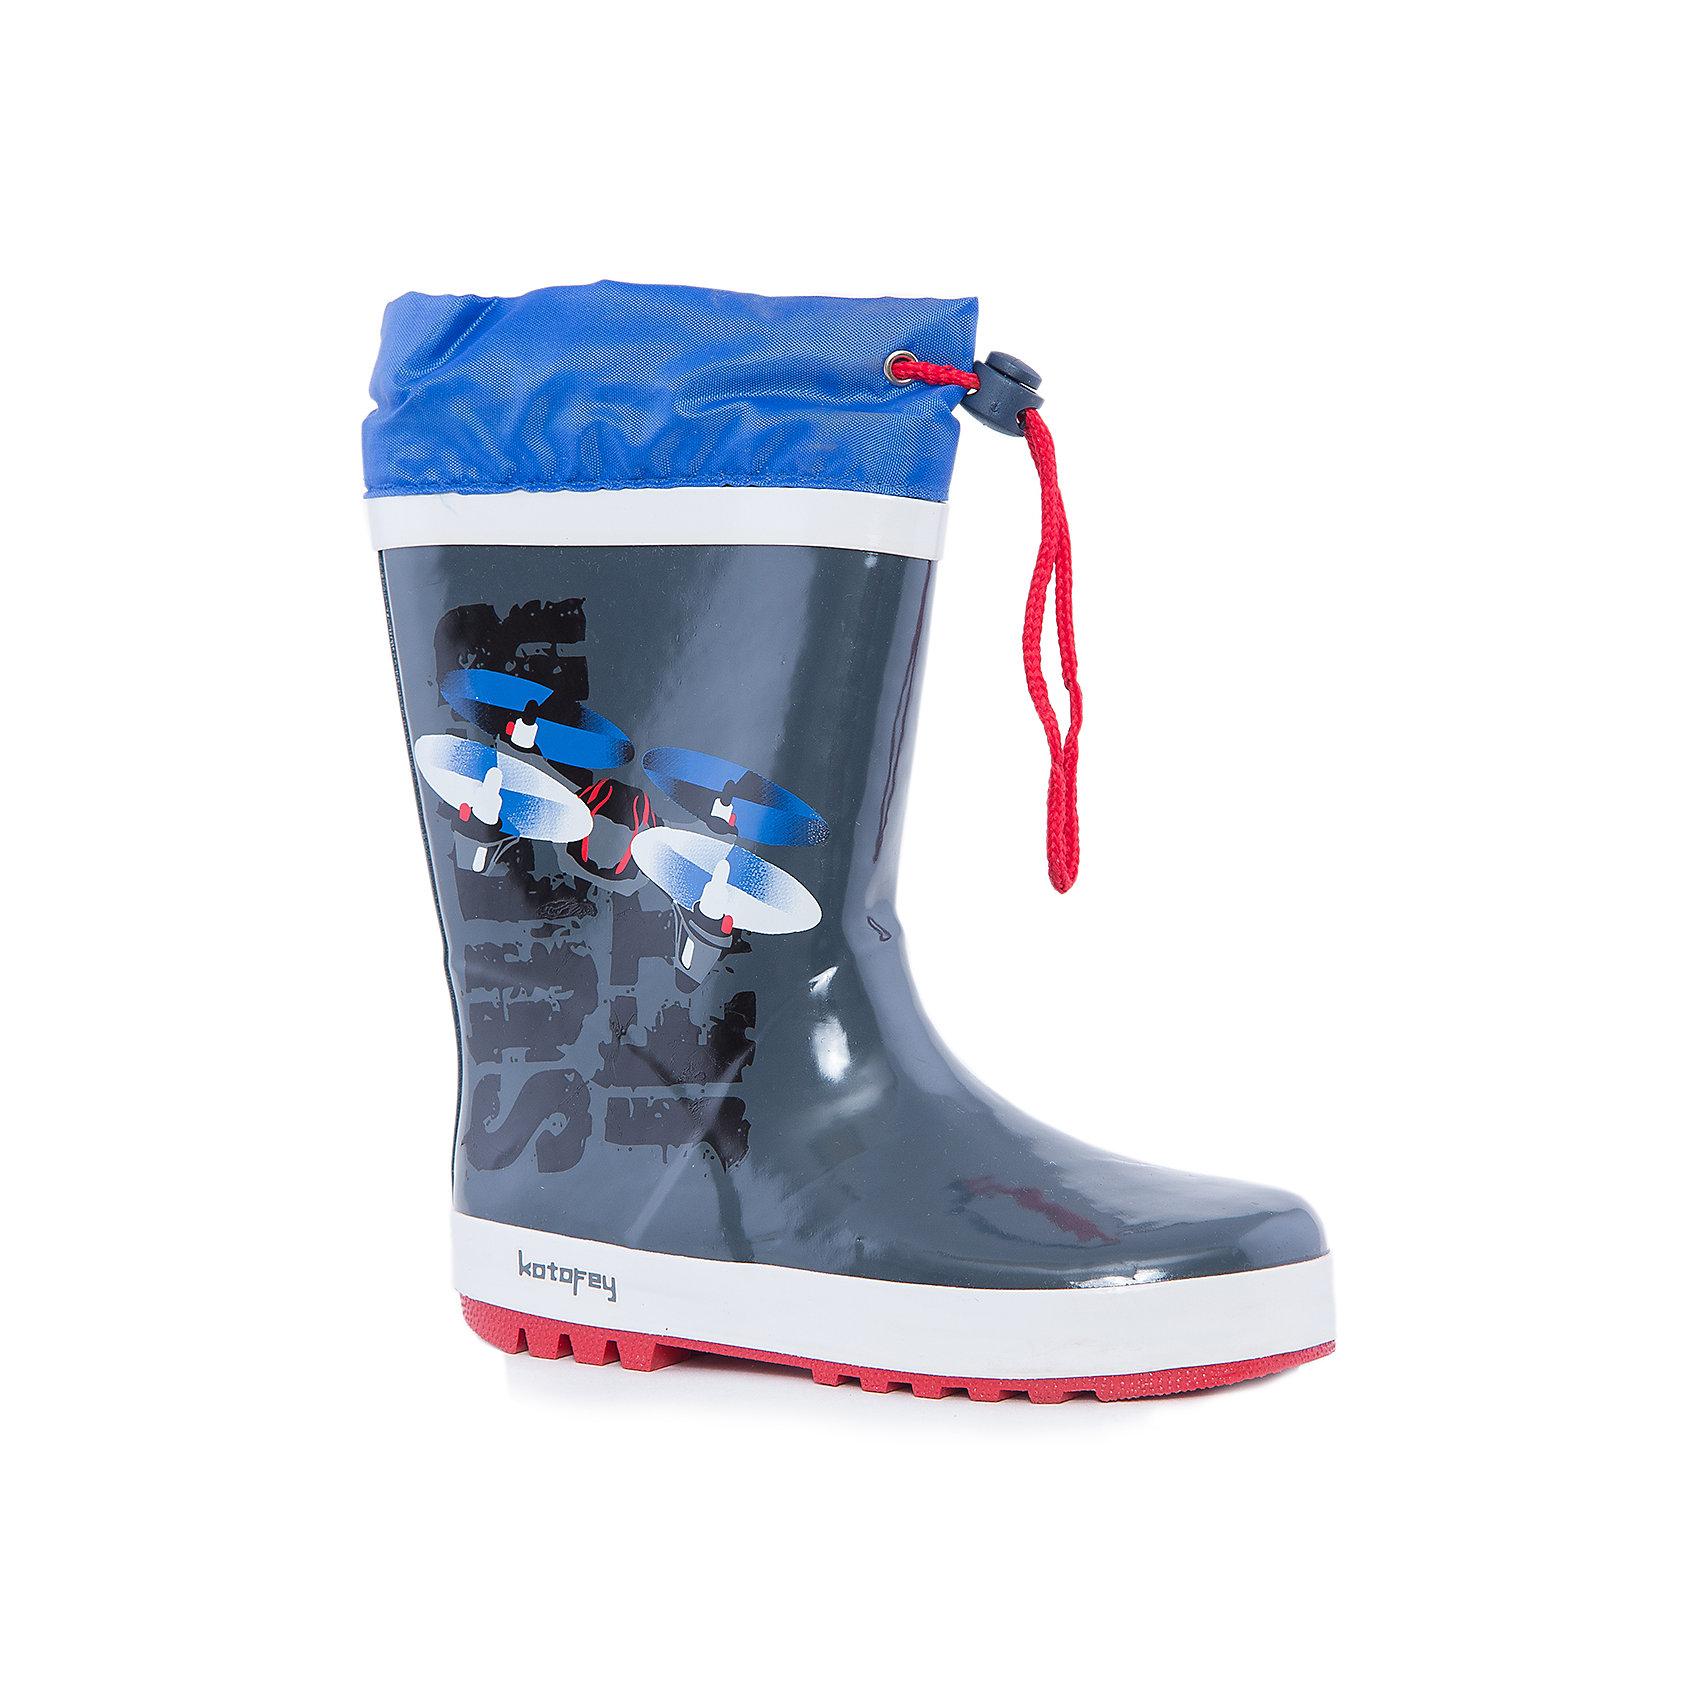 Резиновые сапоги  для мальчика КотофейРезиновые сапоги<br>Котофей – качественная и стильная детская обувь по доступным ценам. С каждым днем популярность бренда растет.  Резиновые сапожки – незаменимая вещь для осенней погоды. Теперь малышка может изучать лужи без риска промочить ножки и простудиться. На сапожках выполнен сказочный принт, который полюбится всем модникам. Нежные цвета сочетаются с любой одеждой, что позволяет создать множество стильных образов.<br><br>Дополнительная информация:<br><br>цвет: серо-синий;<br>вид крепления: горячая вулканизация;<br>застежка: шнур с фиксатором;<br>температурный режим: от 0° С до +15° С.<br><br>Состав:<br>материал верха  – резина;<br>материал подклада  - текстиль;<br>подошва - плотная резина.<br><br>Резиновые сапоги для мальчиков дошкольного и школьного возраста от фирмы  Котофей можно приобрести в нашем магазине.<br><br>Ширина мм: 257<br>Глубина мм: 180<br>Высота мм: 130<br>Вес г: 420<br>Цвет: сине-серый<br>Возраст от месяцев: 132<br>Возраст до месяцев: 144<br>Пол: Мужской<br>Возраст: Детский<br>Размер: 35,32,34,30,33,31<br>SKU: 4982106